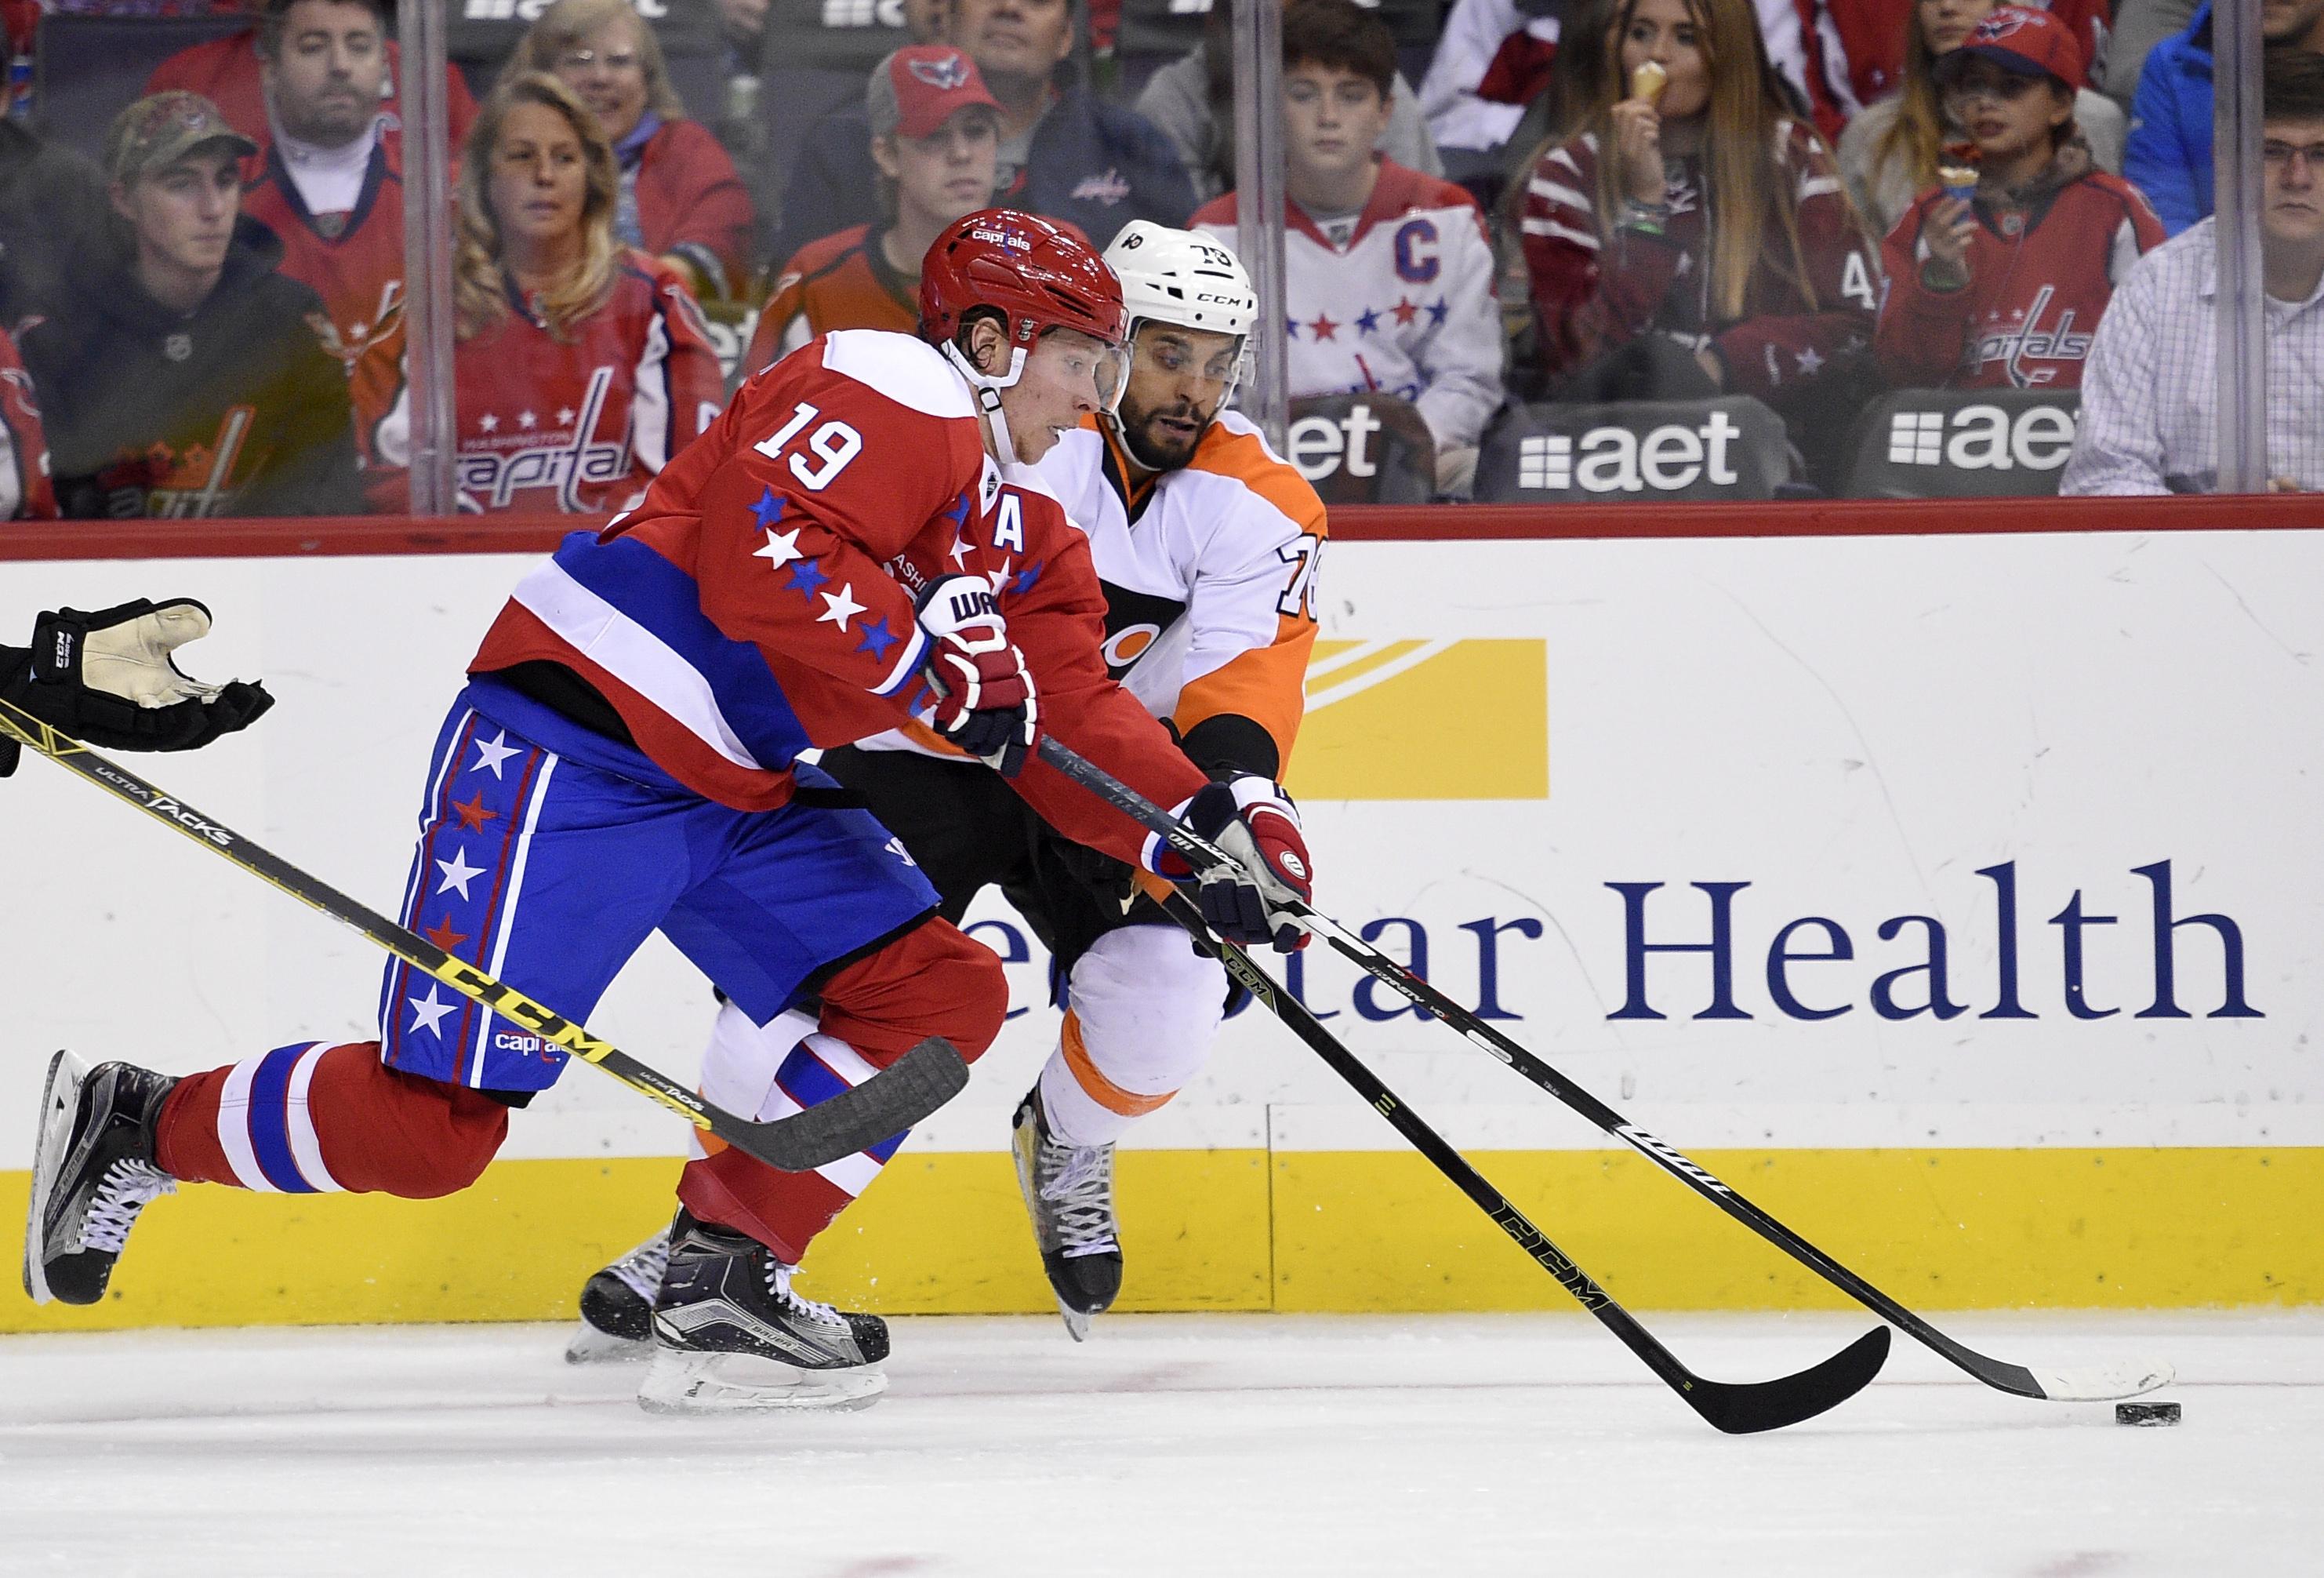 Flyers_capitals_hockey_